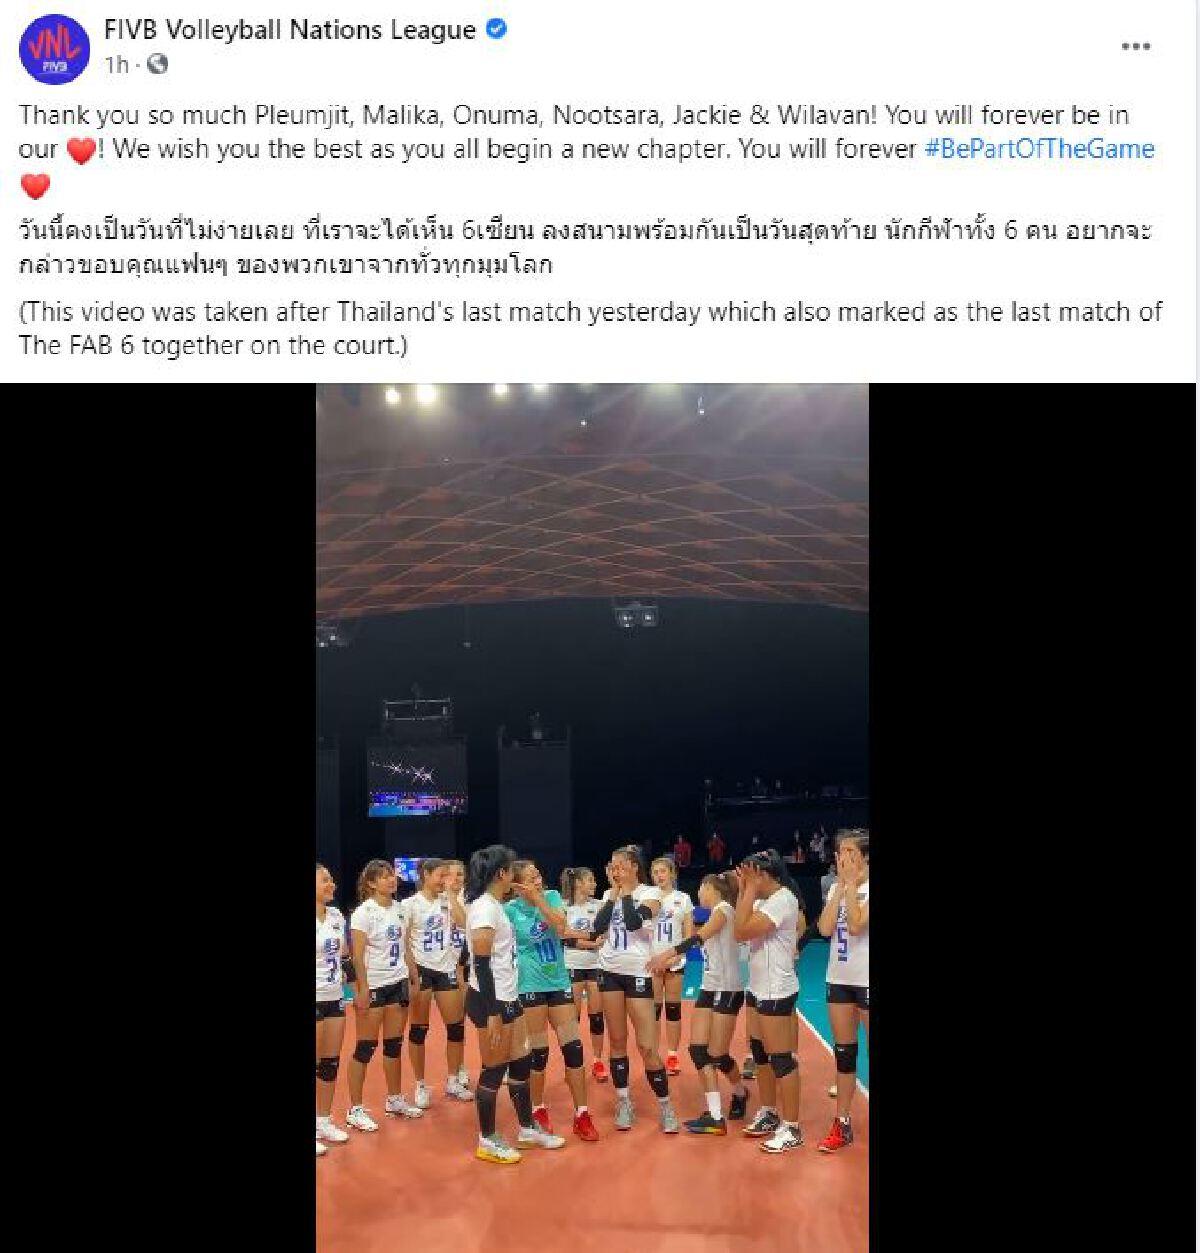 ย้อนความสำเร็จ ตบสาวไทย จุดเริ่มต้นยุคตำนาน7เซียน